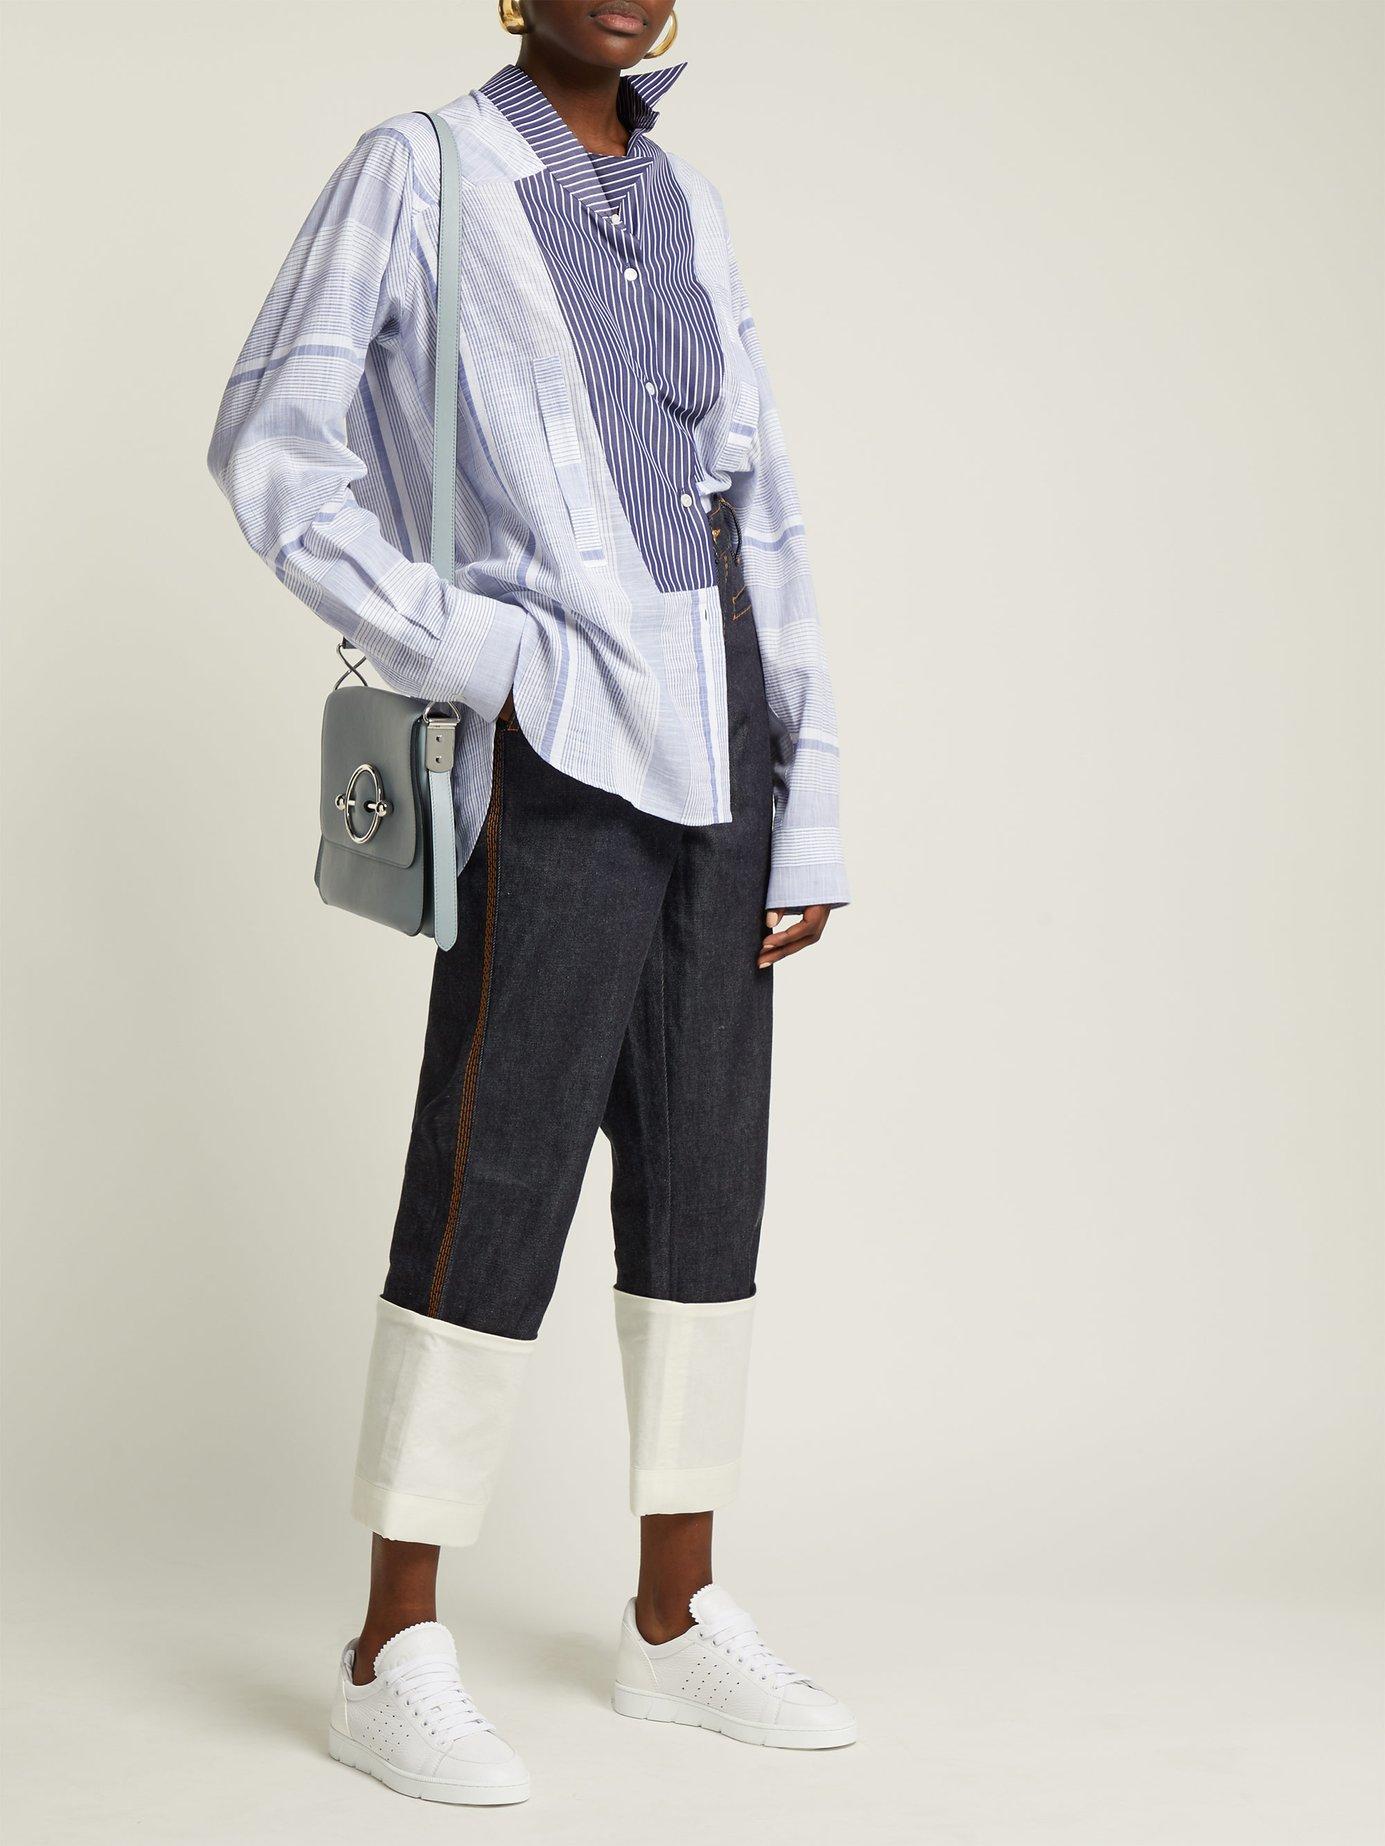 Asymmetric striped cotton shirt by Loewe